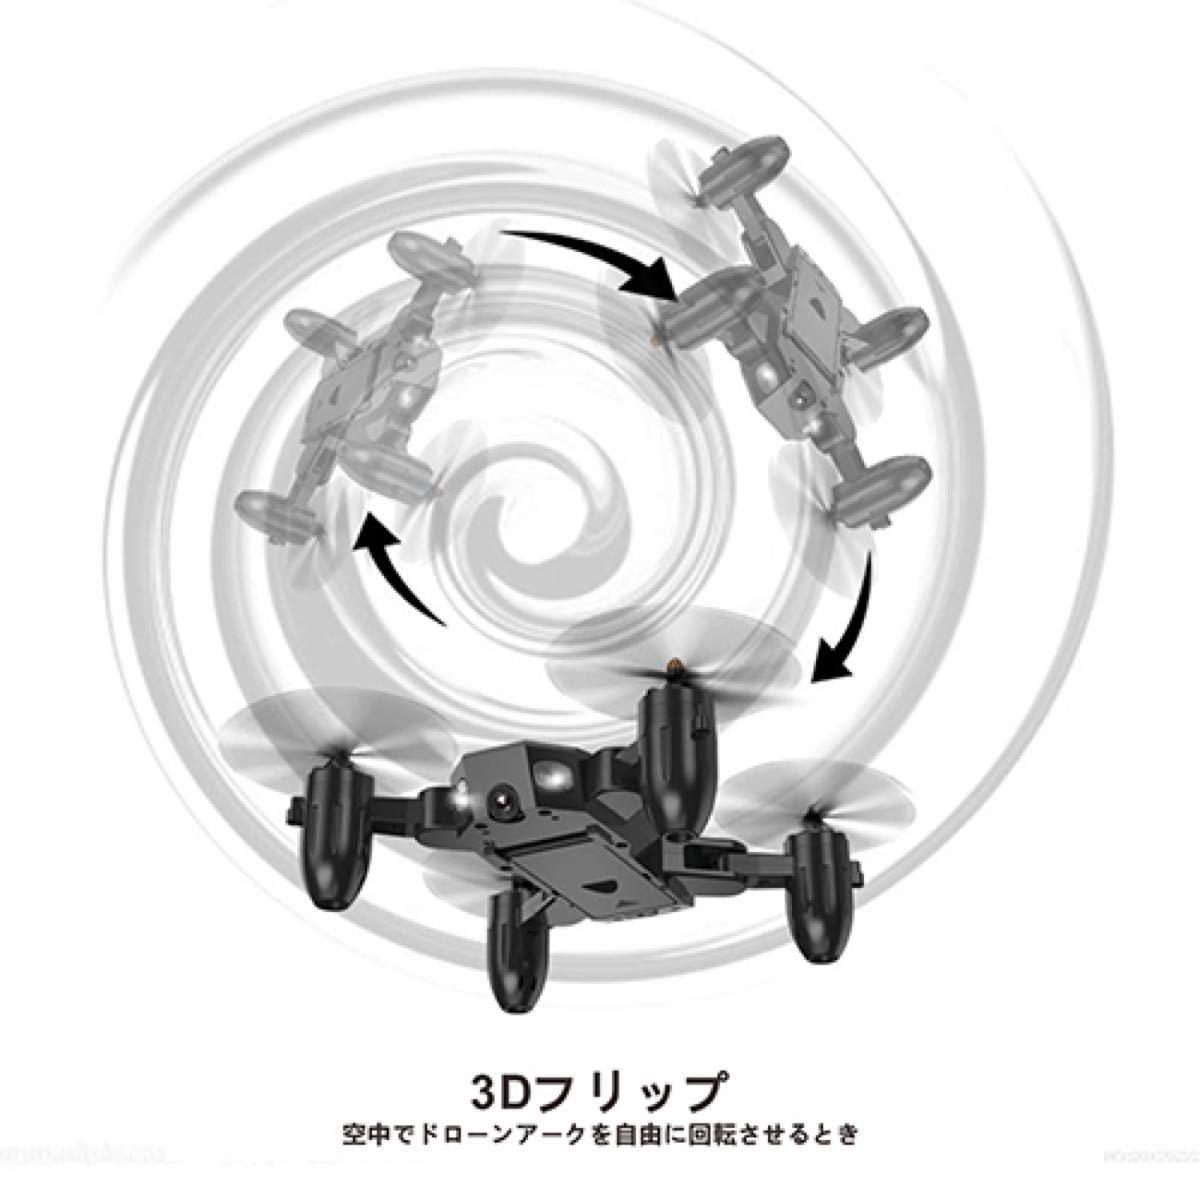 新品ドローン HDカメラ付き 3Dフリップ 初心者向 き